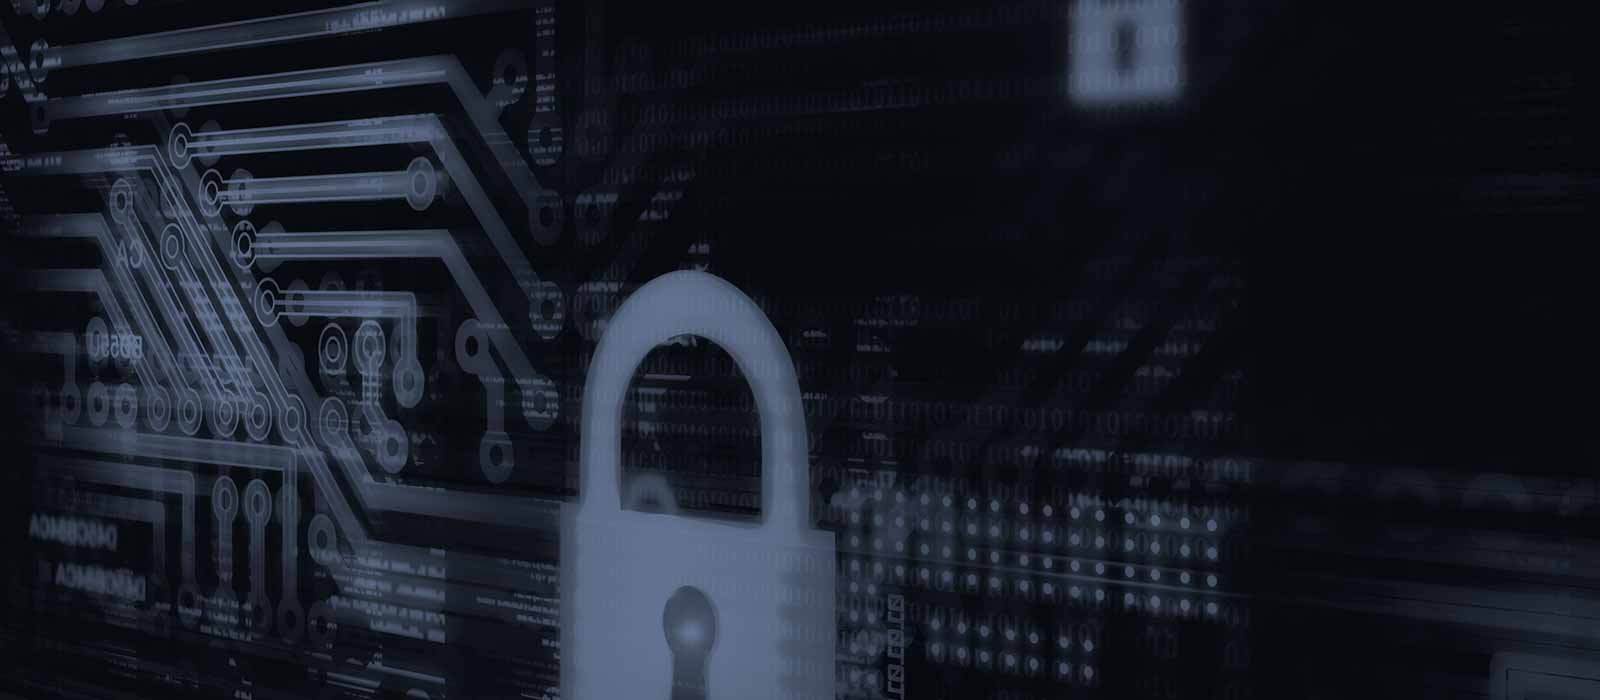 Securely destroy data